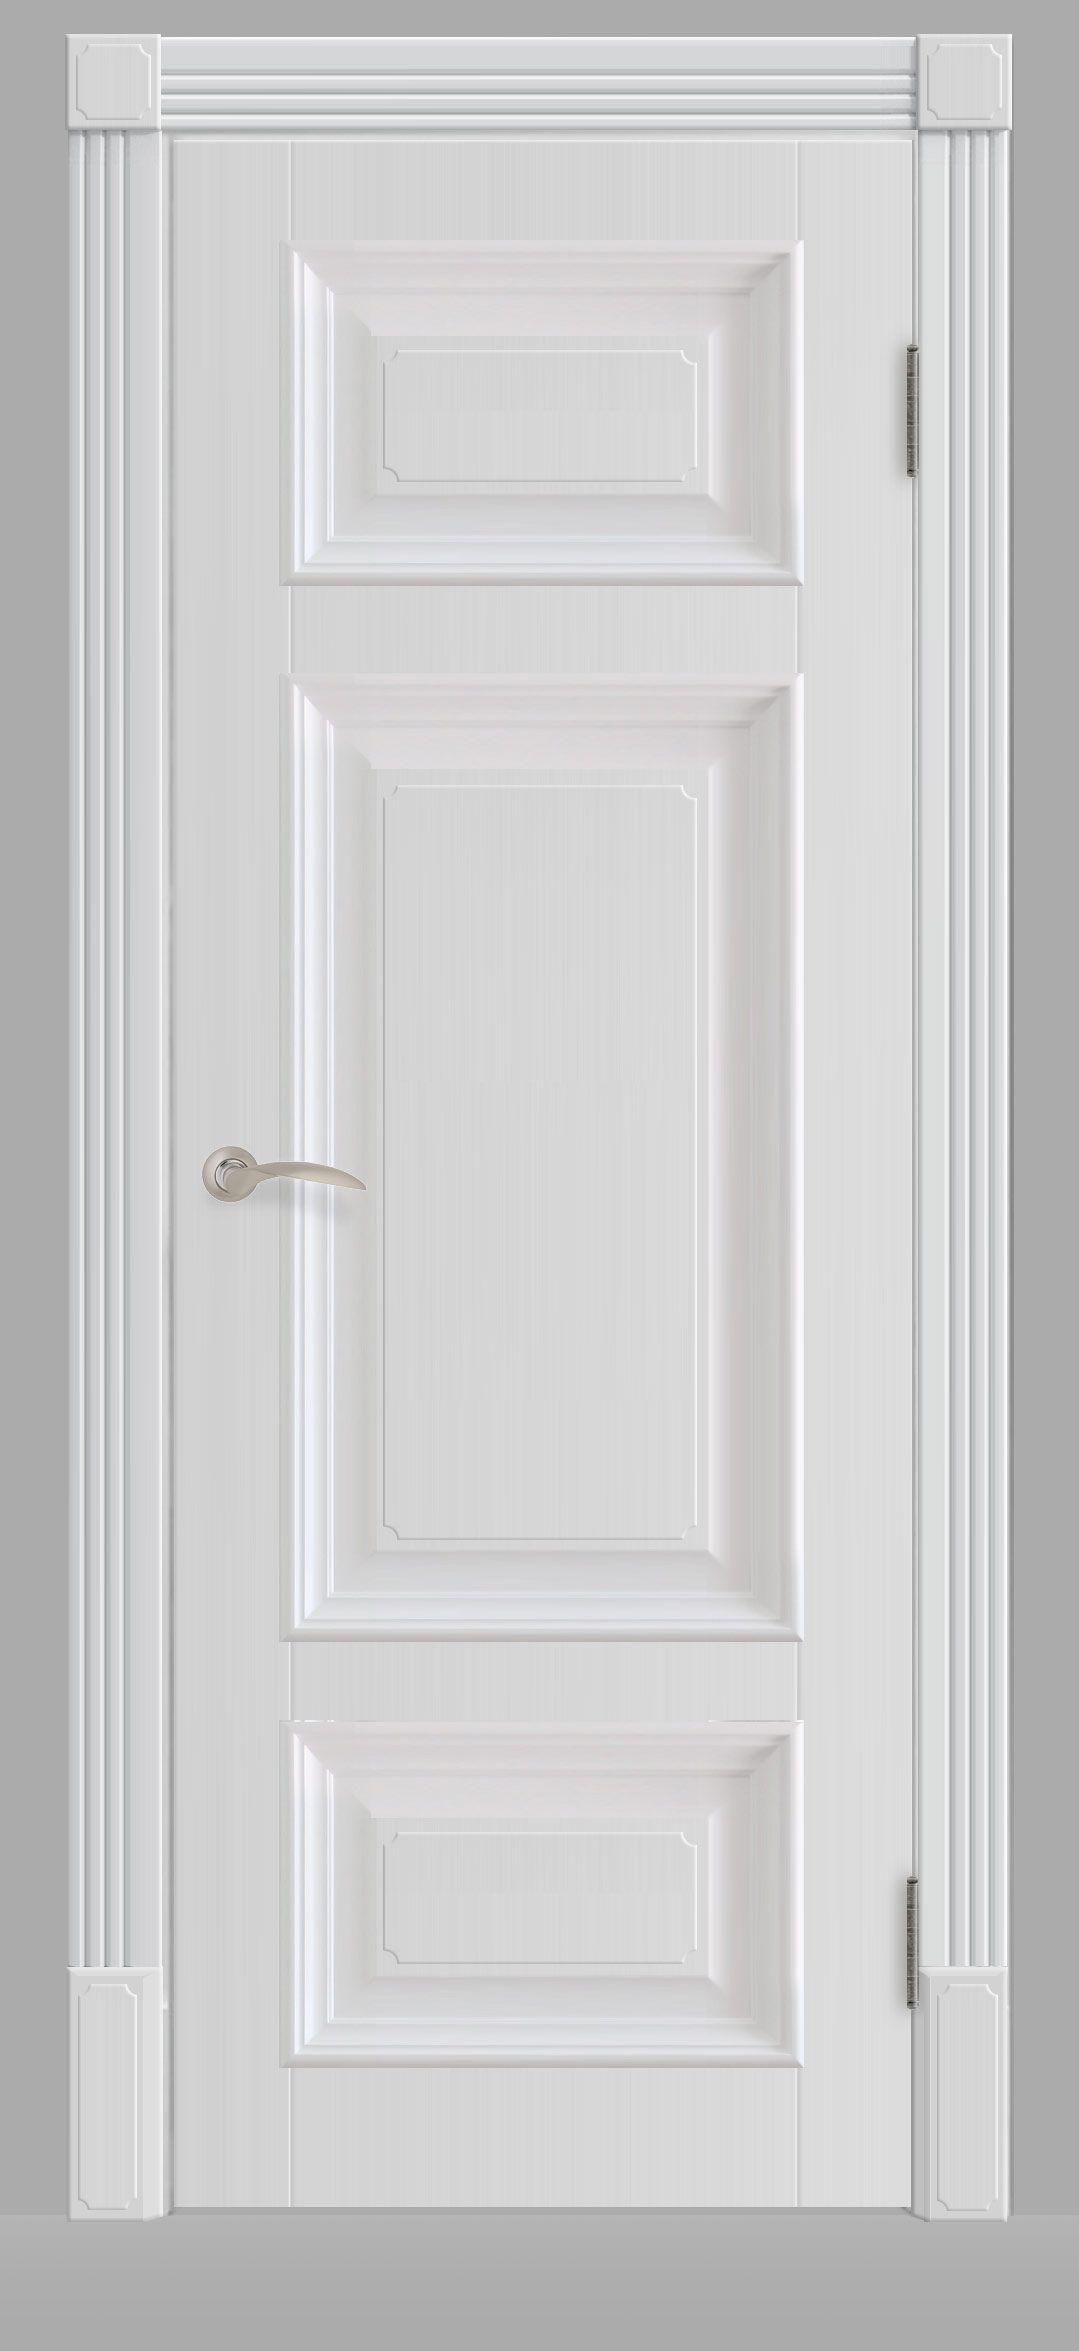 двери на заказ типы дверей деревянные межкомнатные двери